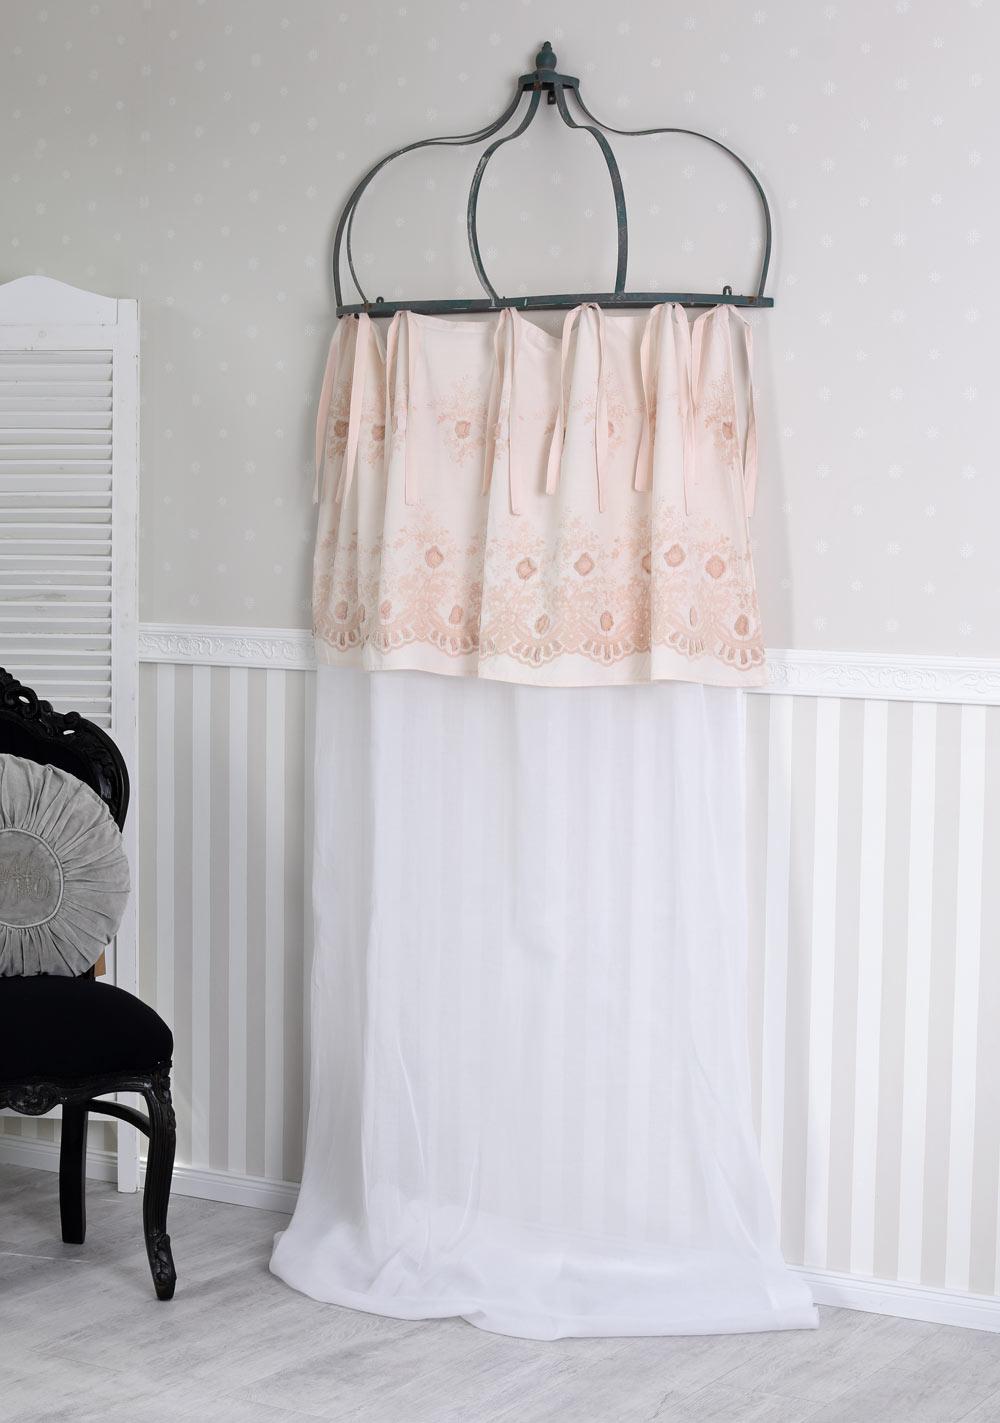 voilages t te de rideau style maison de campagne rideau. Black Bedroom Furniture Sets. Home Design Ideas